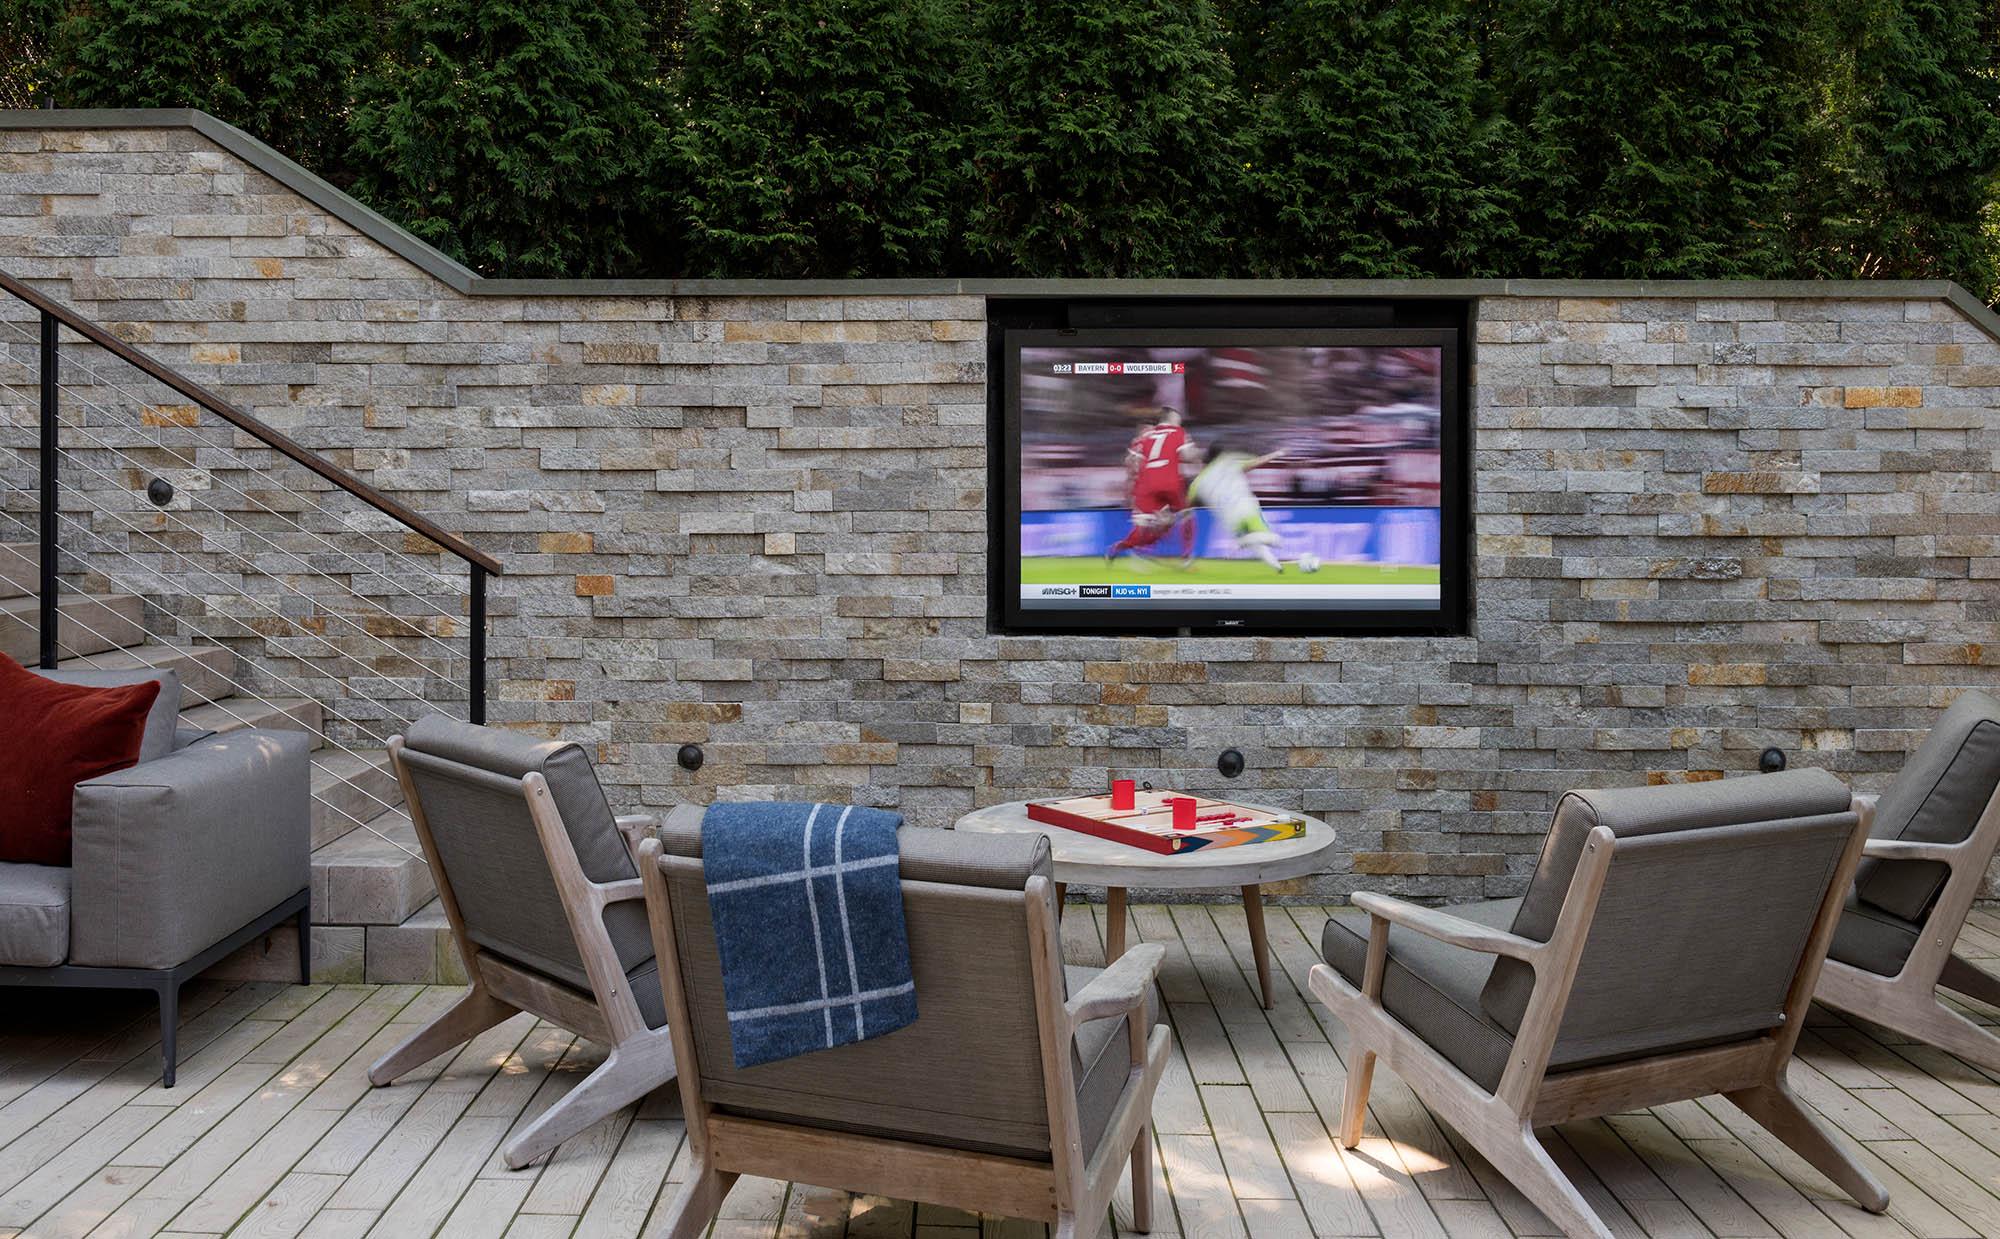 Outdoor TV Viewing